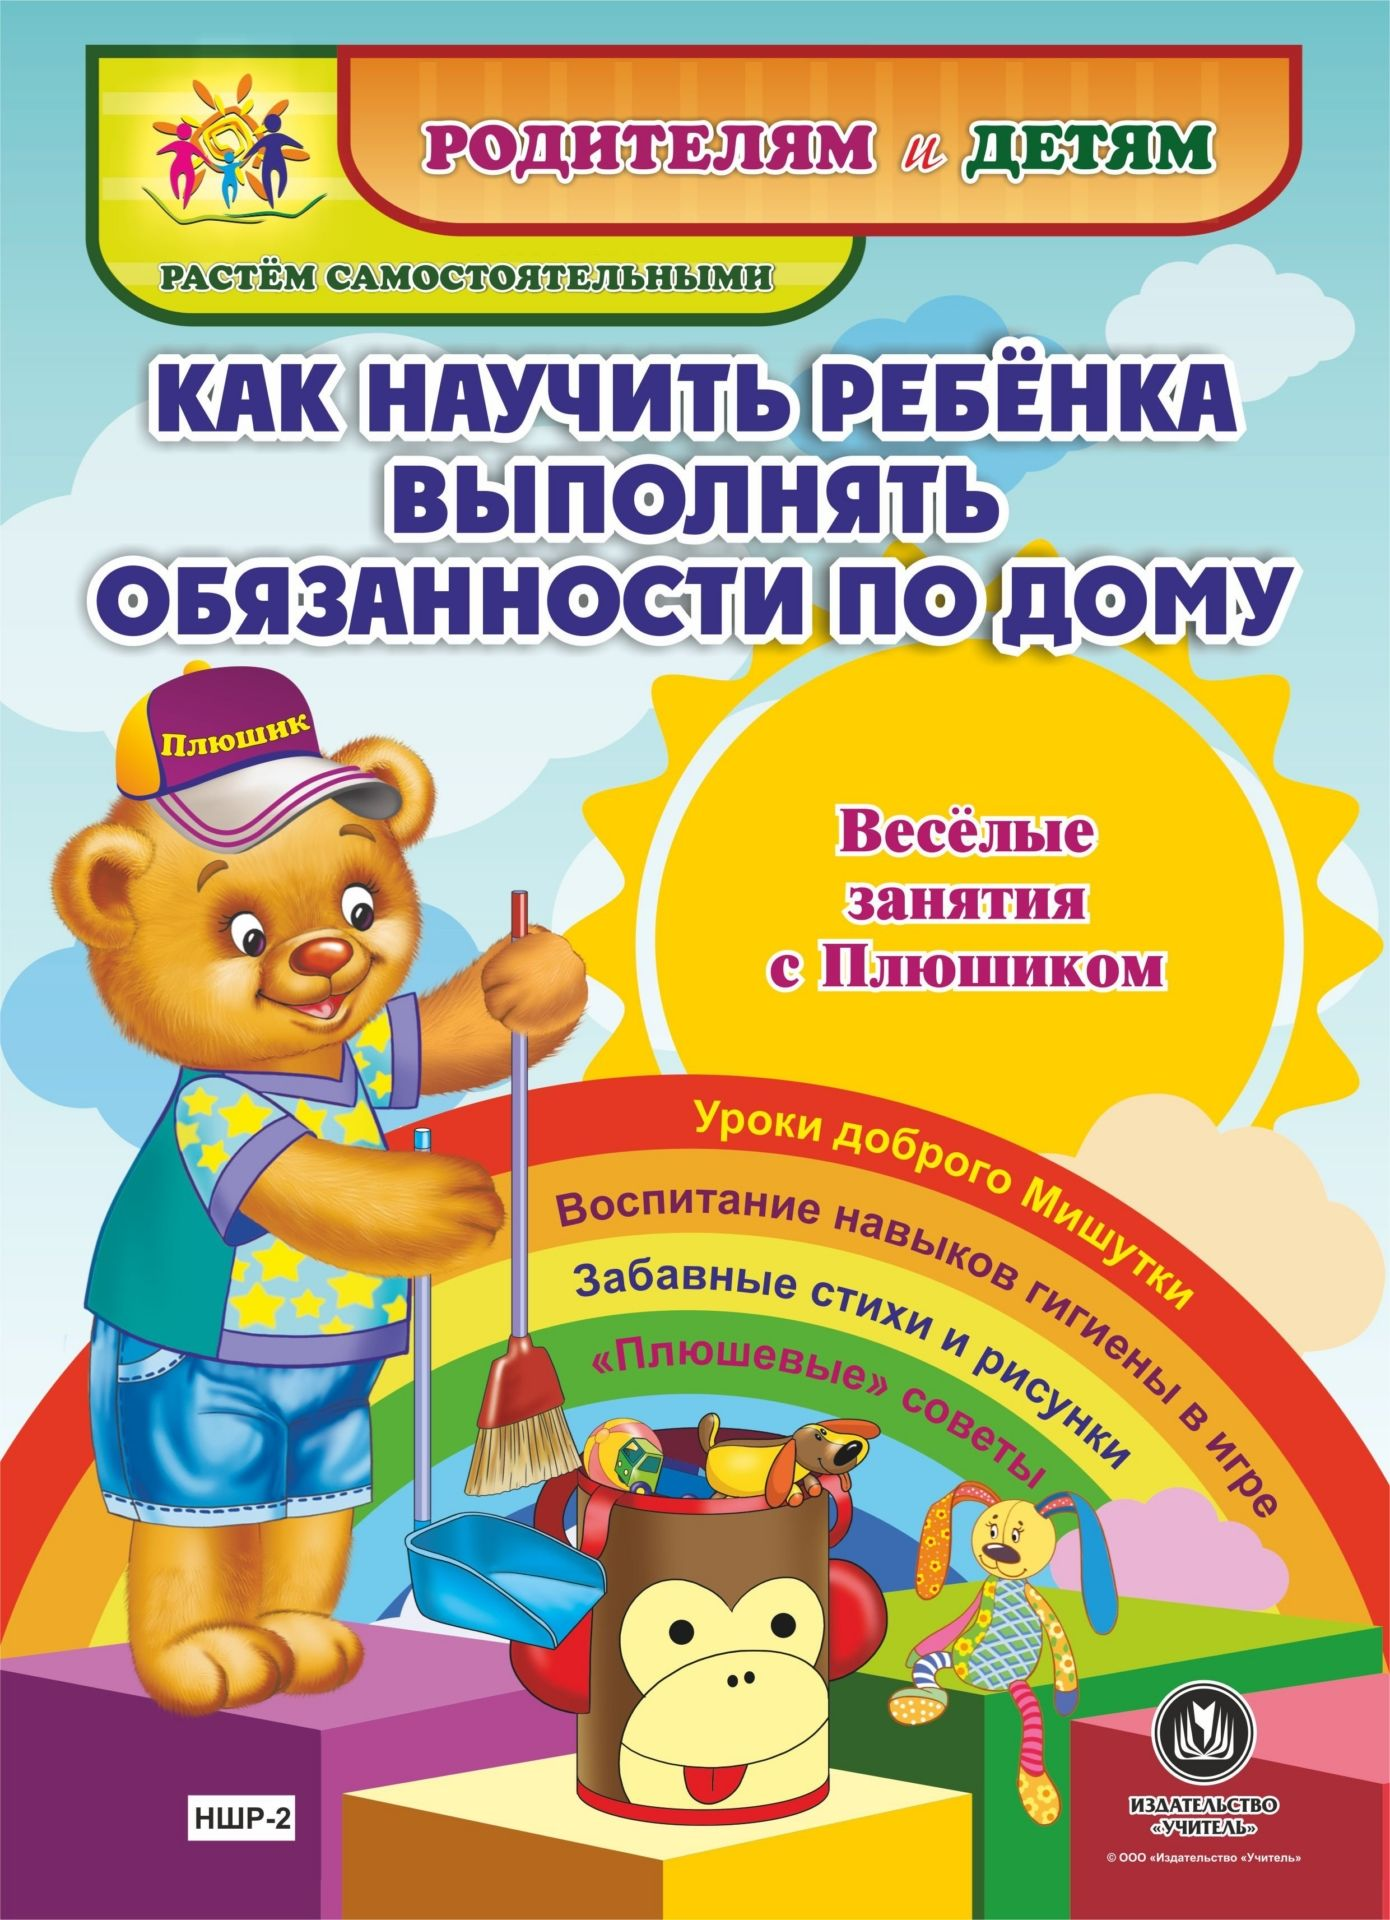 Как научить ребенка выполнять обязанности по дому. Веселые занятия с Плюшиком: уроки доброго Мишутки, воспитание навыков гигиены в игре, забавные стихи и рисунки, плюшевые советыДетские книги<br>Представляем книжку-гармошку Как научить ребёнка выполнять обязанности по дому. С Плюшиком учимся и играем - всё умеем и знаем! из серии Родителям и детям. Растём самостоятельными. Замечательное пособие повествует о том, как любимый детьми герой - миш...<br><br>Год: 2017<br>Серия: Родителям и детям. Растём самостоятельными<br>Высота: 290<br>Ширина: 210<br>Переплёт: набор